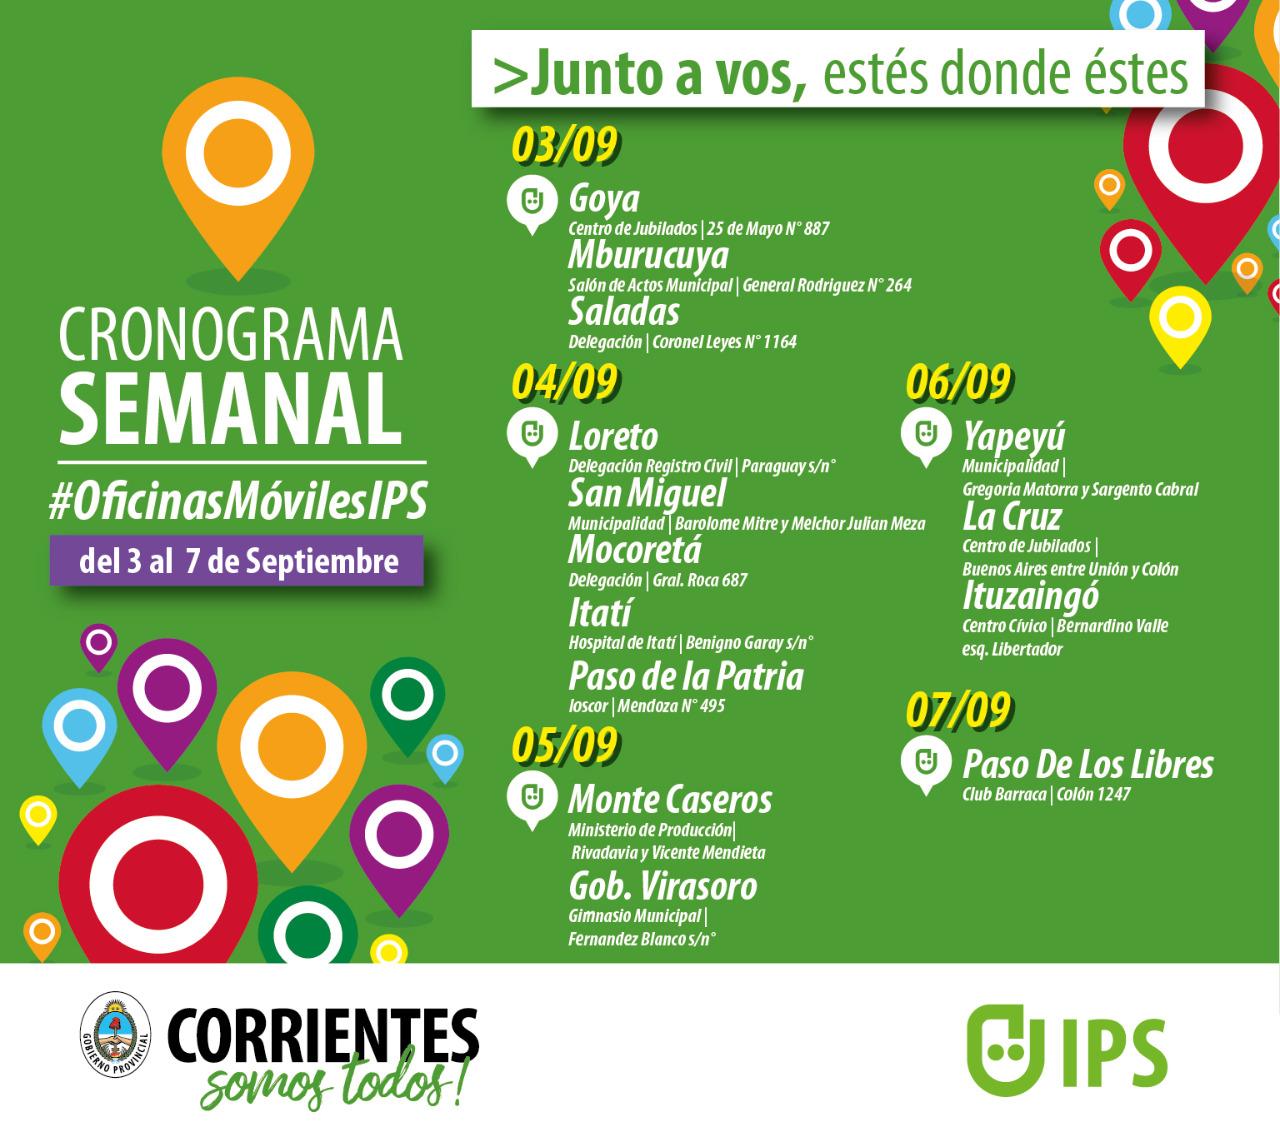 14 municipios recorrerá el IPS esta semana con las oficinas móviles